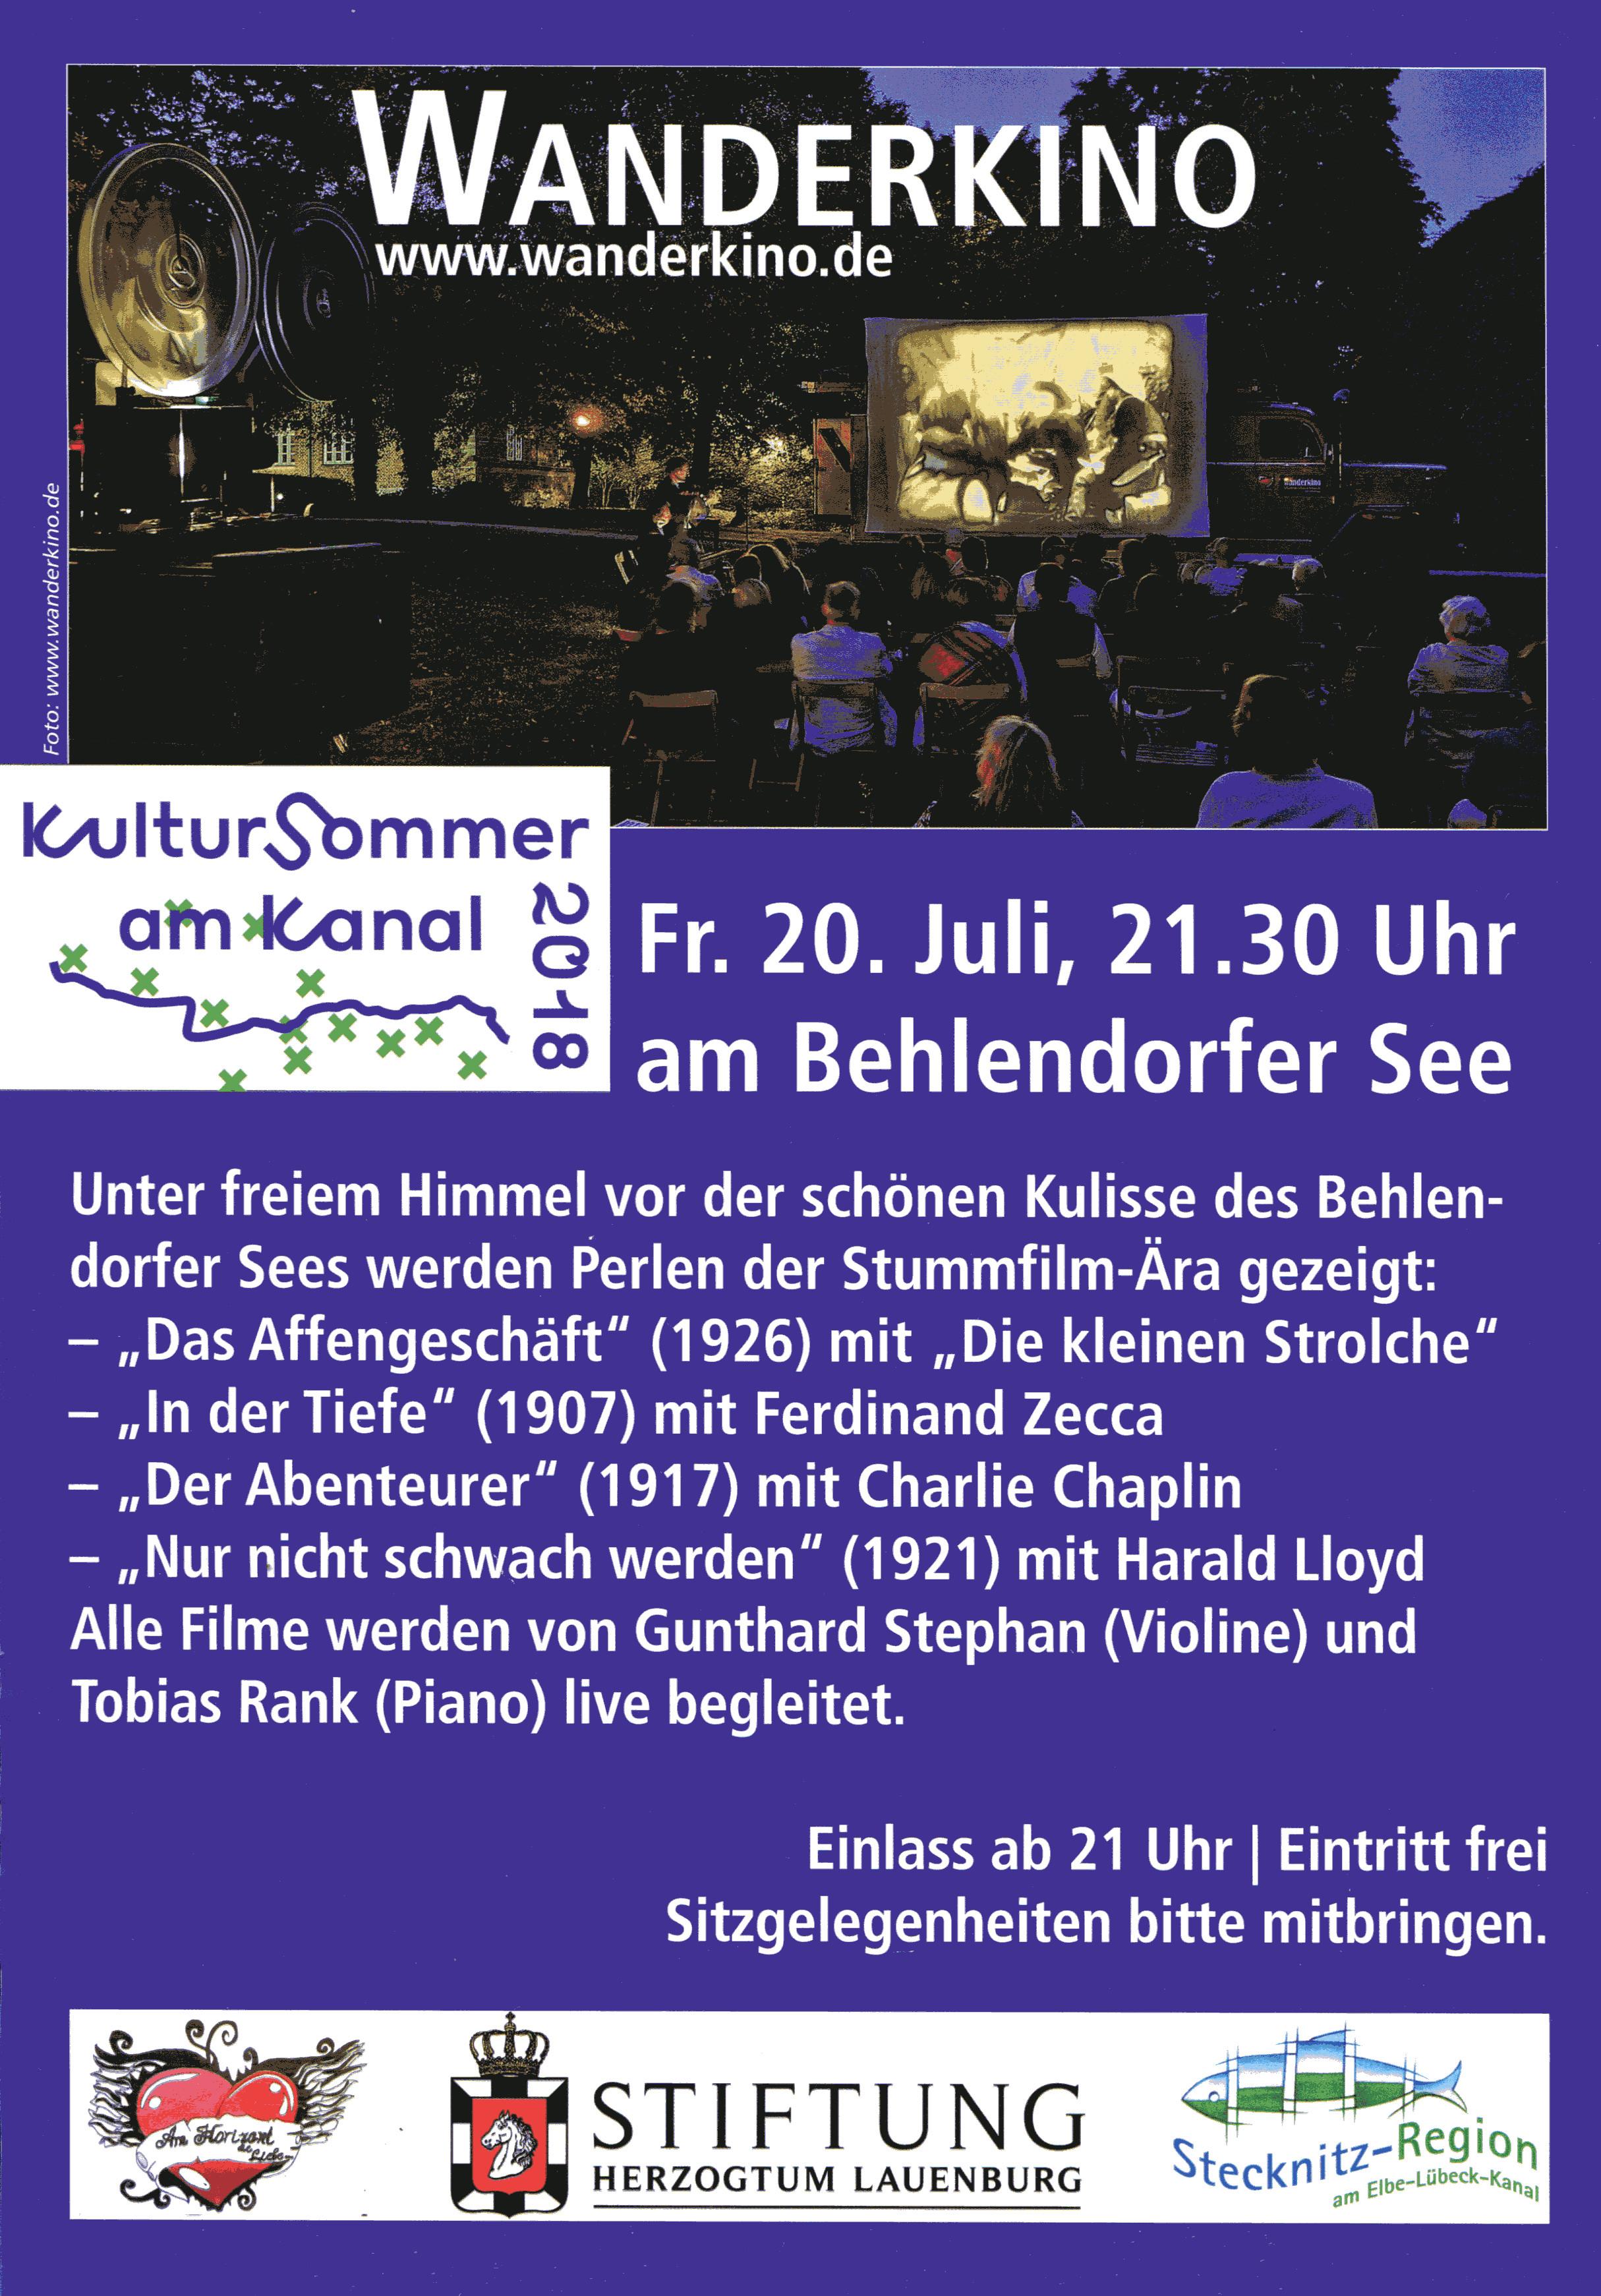 Behlendorf: Das Wanderkino kommt in die Stecknitz-Region